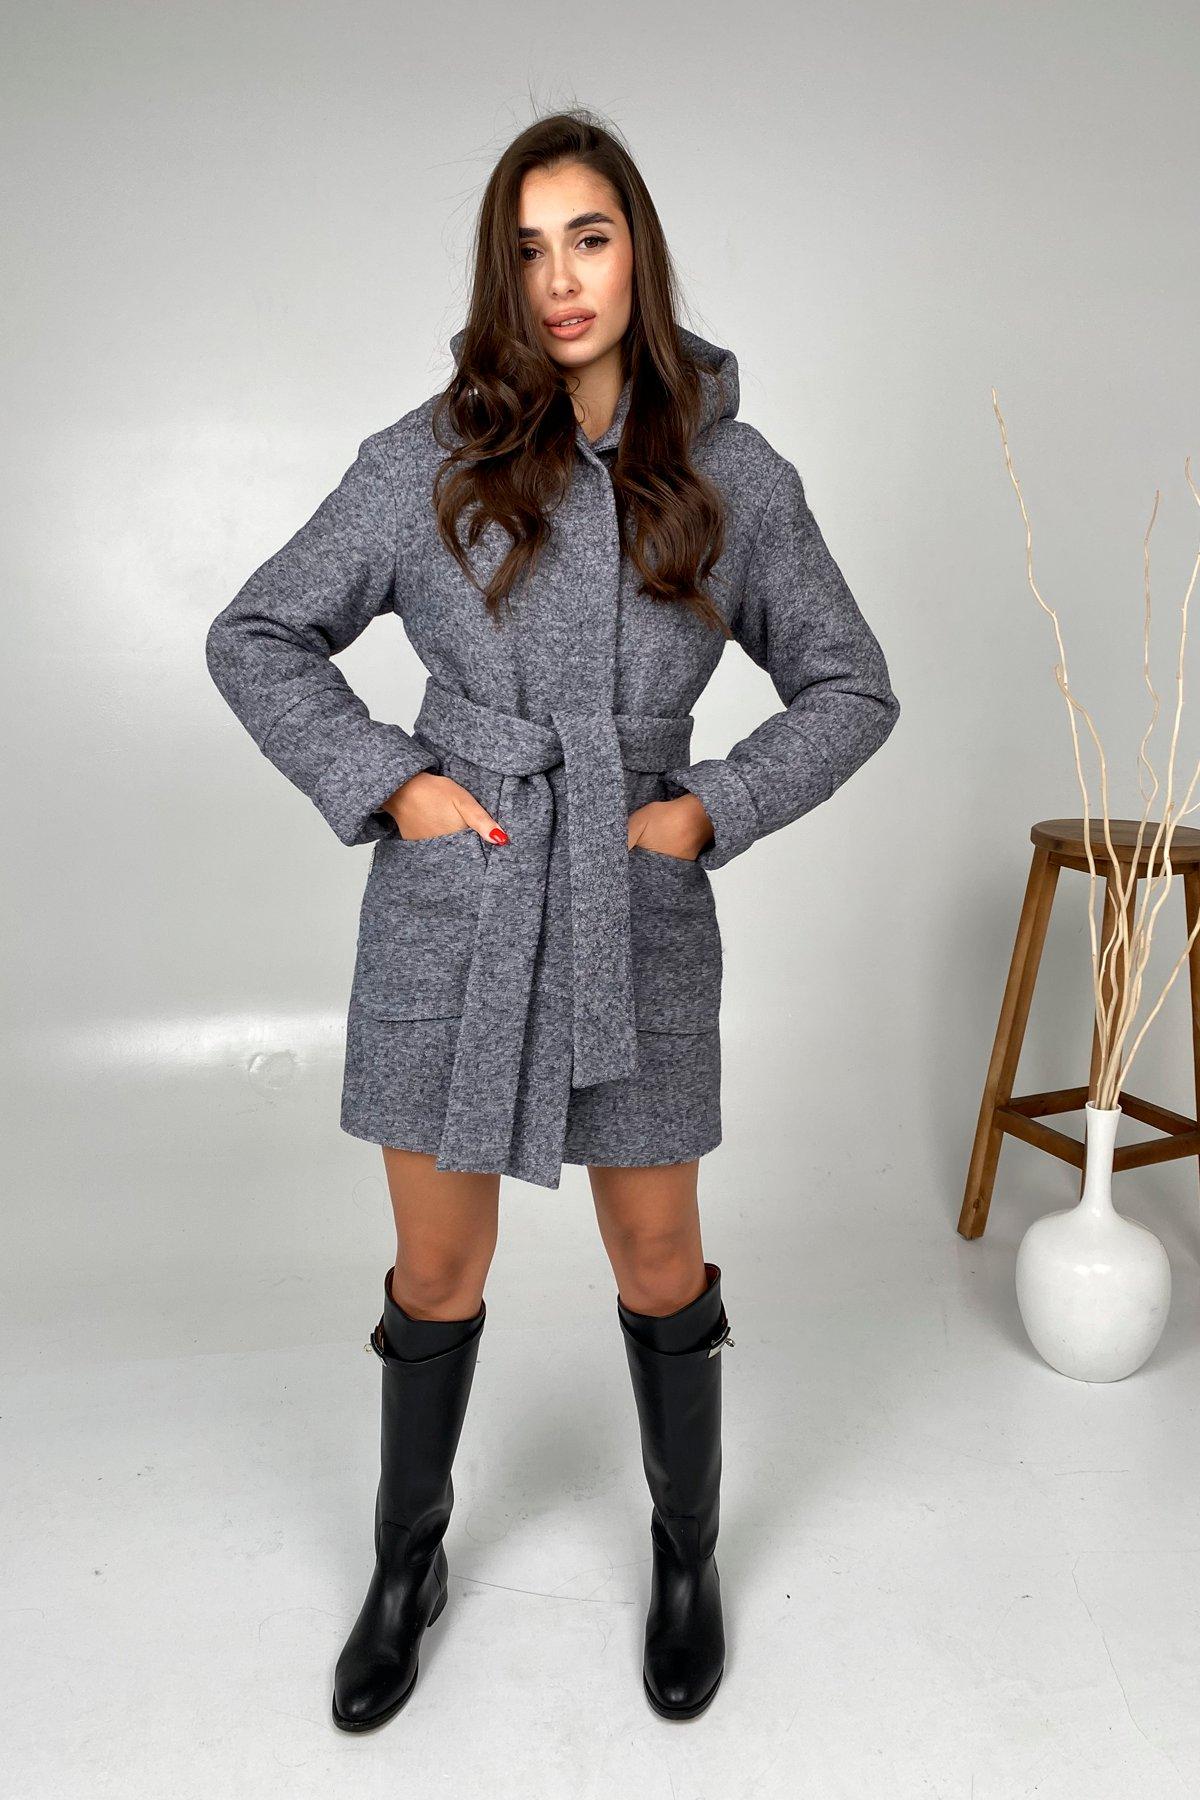 Анита шерсть варенка зима без меха пальто 9936 АРТ. 46224 Цвет: серый темный 5 - фото 5, интернет магазин tm-modus.ru